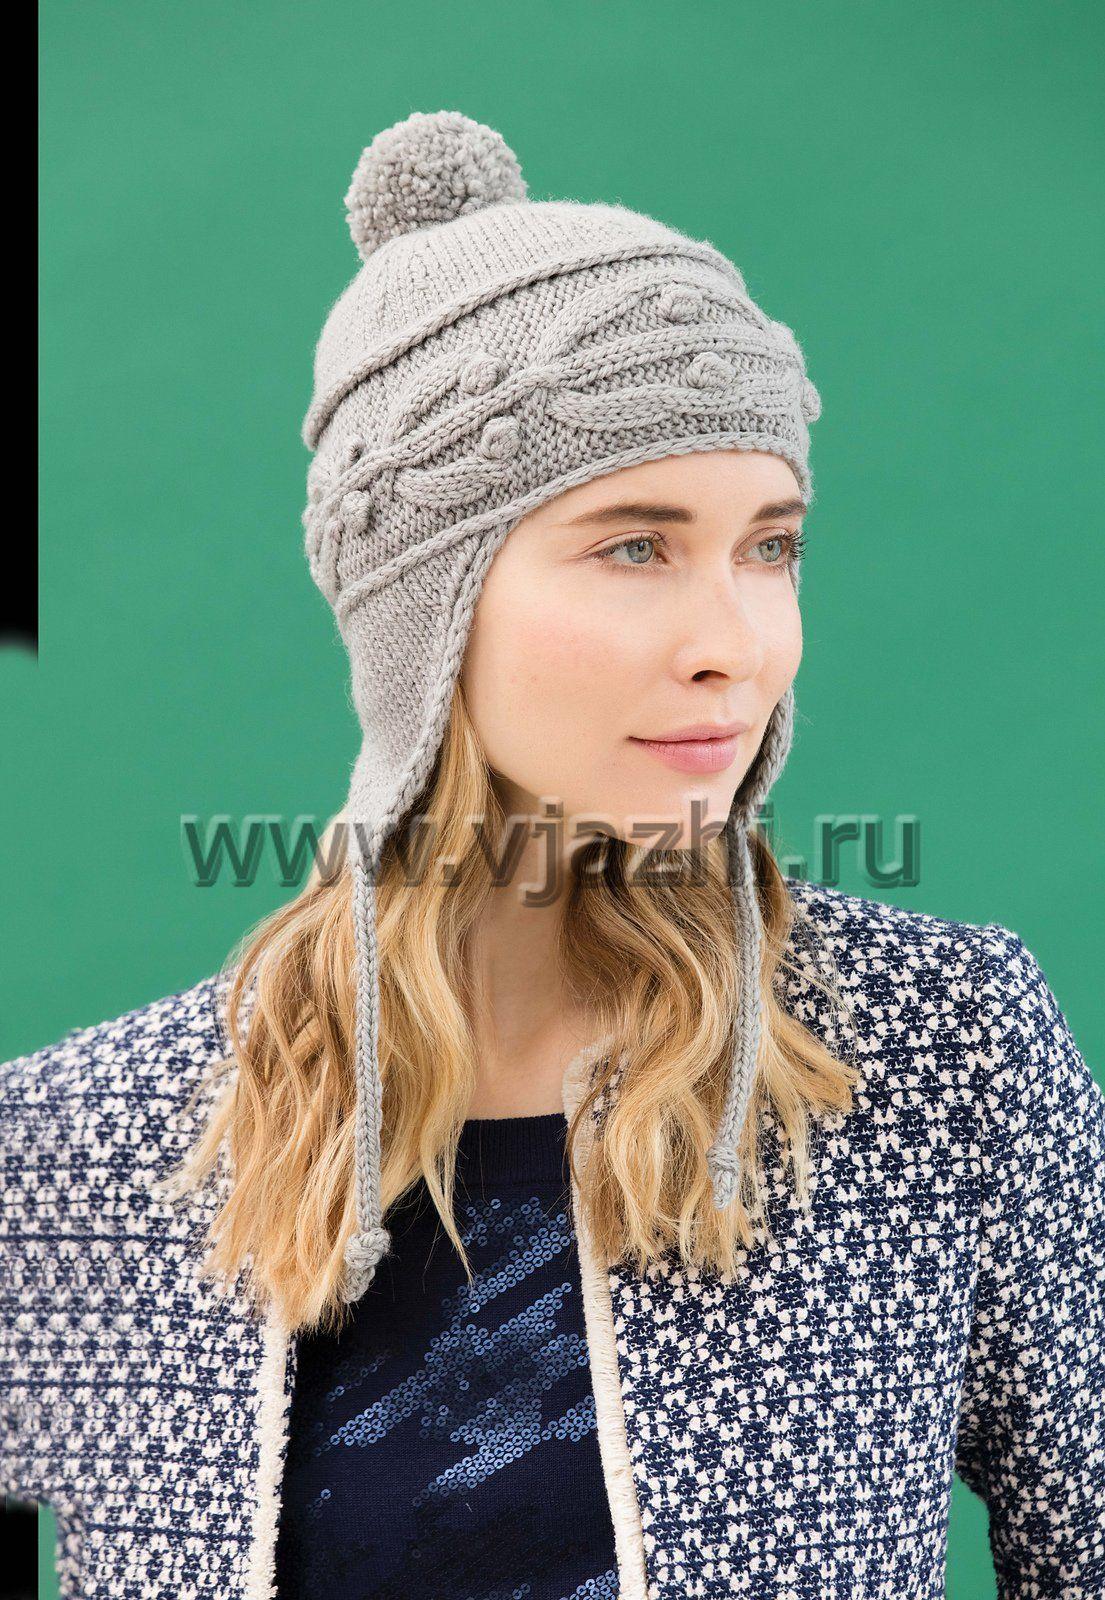 схема вязания женской шапки ушанки